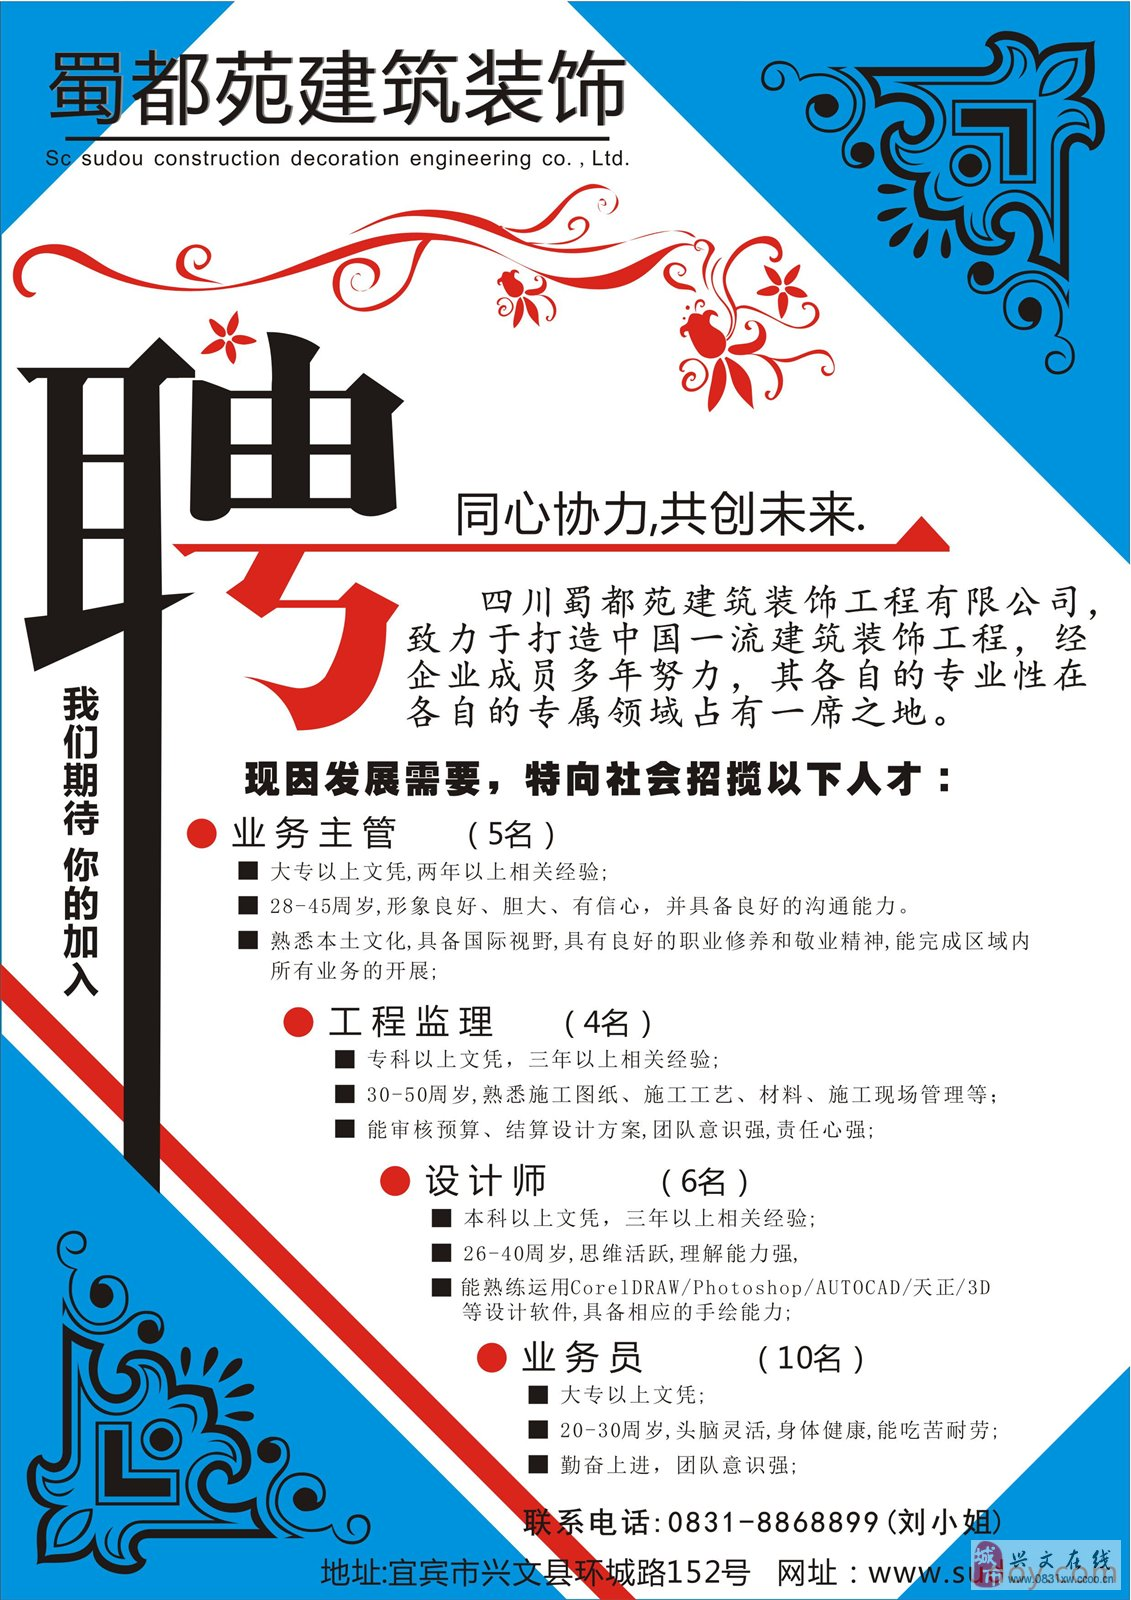 四川蜀都苑建筑装饰公司招聘:设计师工程监理,业务